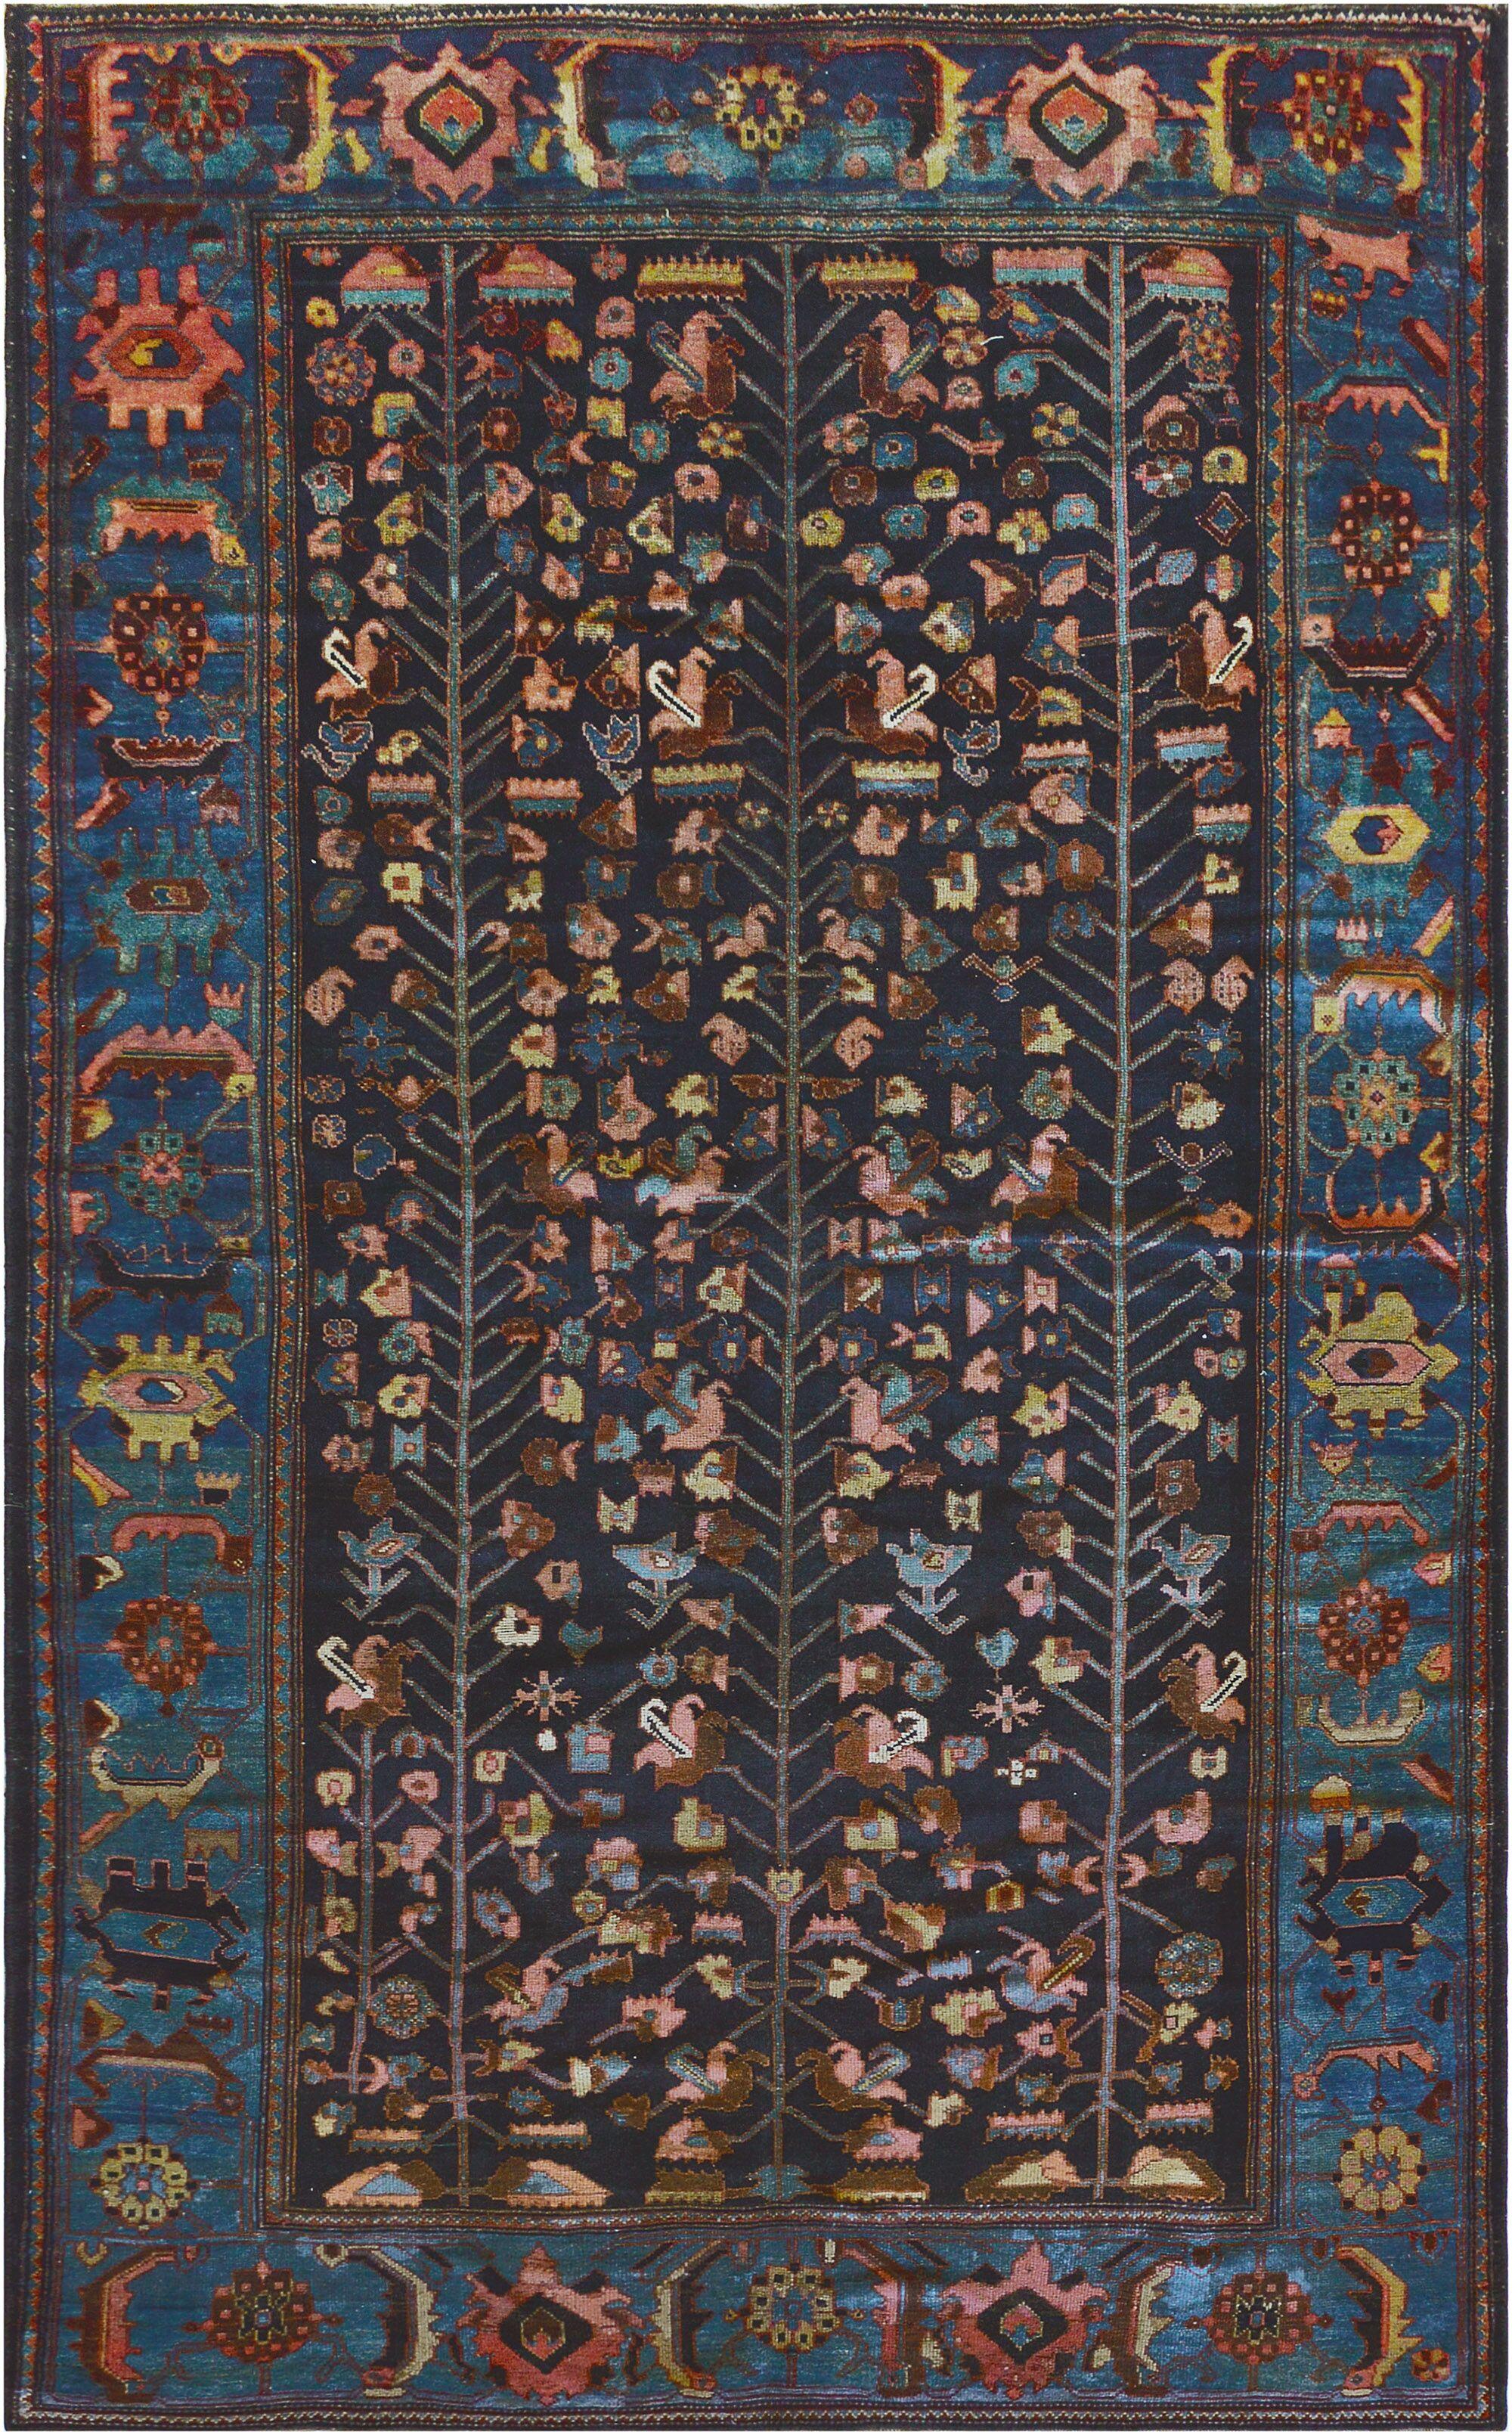 One-of-a-Kind Antique Bidjar Handwoven Wool Blue Indoor Area Rug